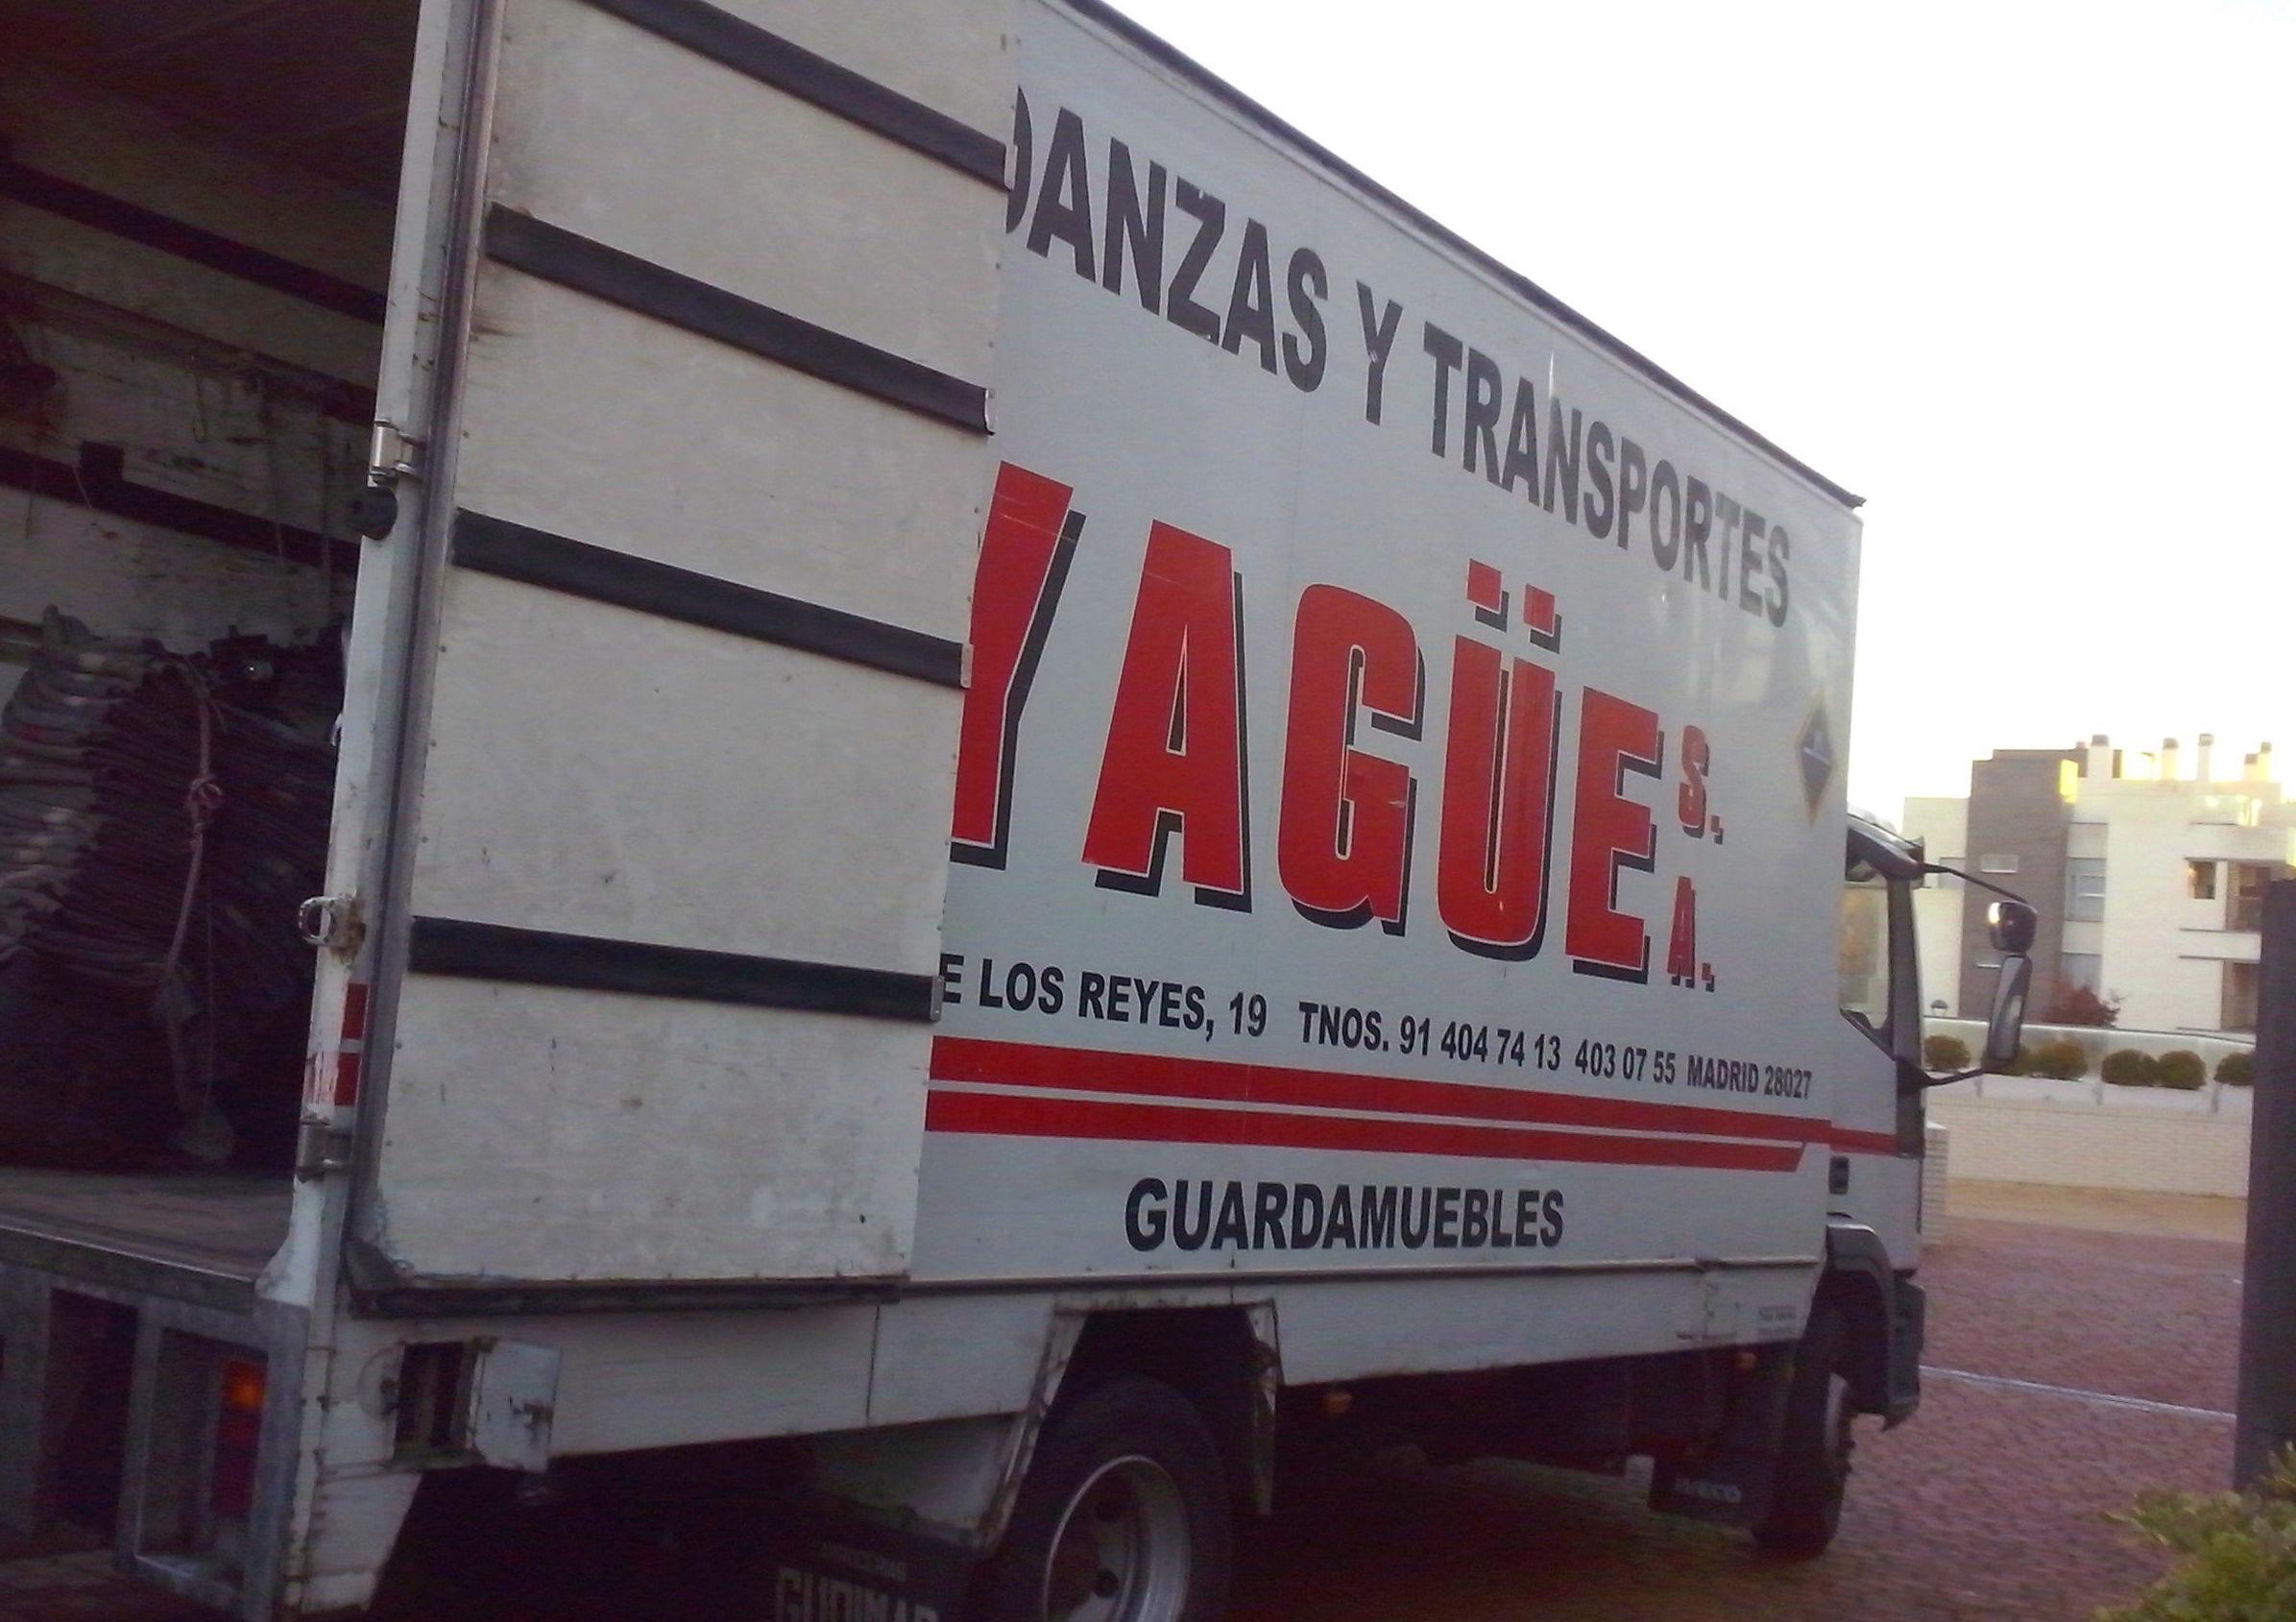 Foto 12 de Mudanzas y guardamuebles en Madrid | Mudanzas Yagüe              914047413